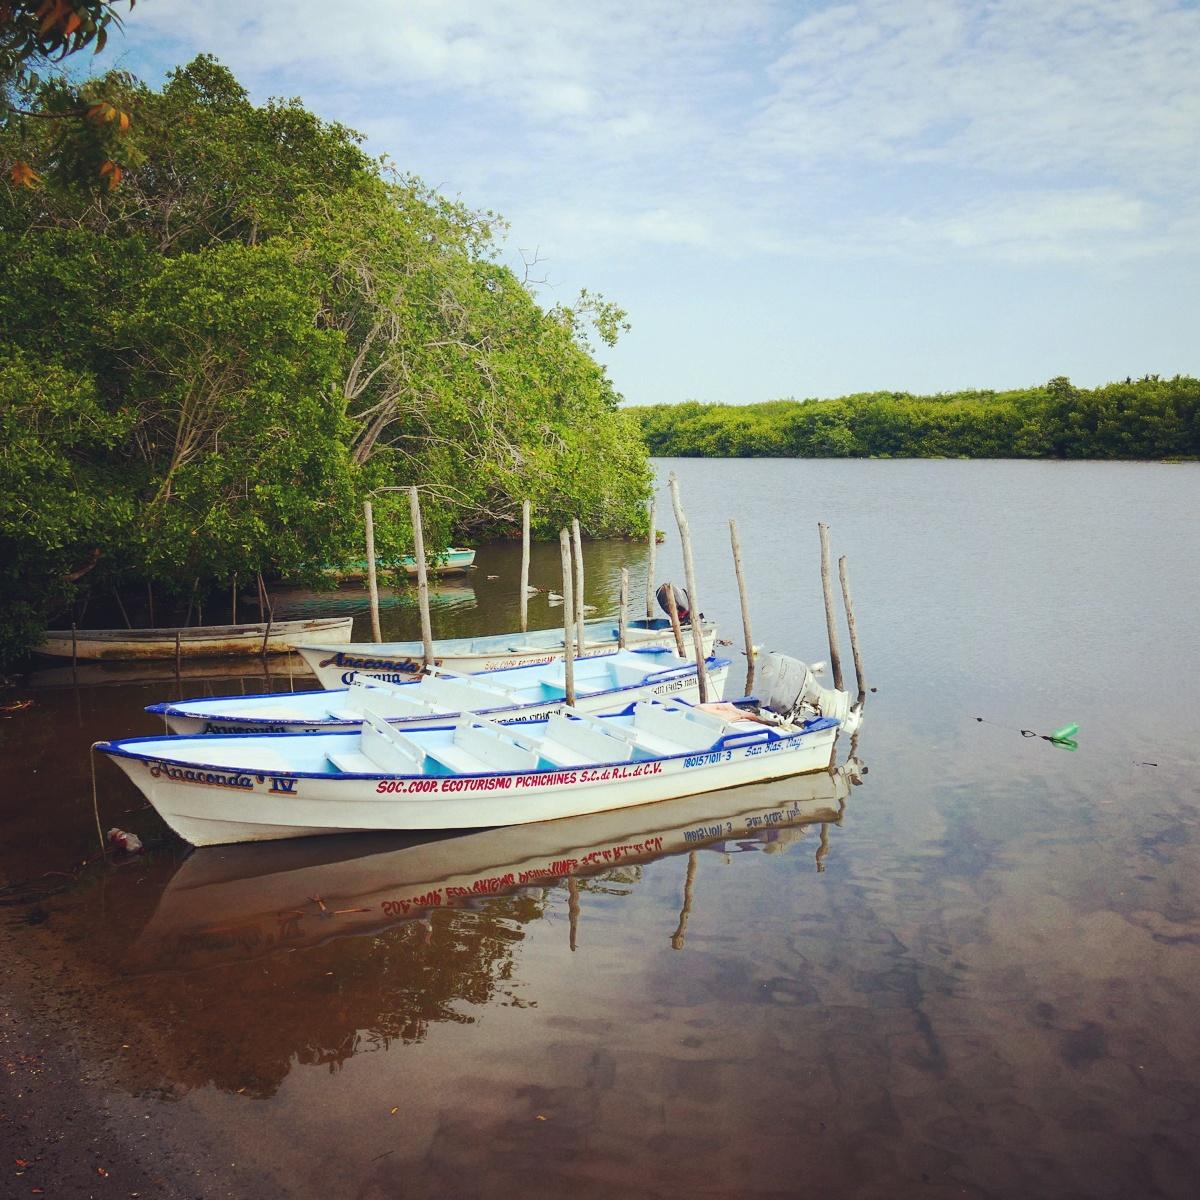 Boats sit ready at the edge of the San Blas mangroves. Noah Strycker